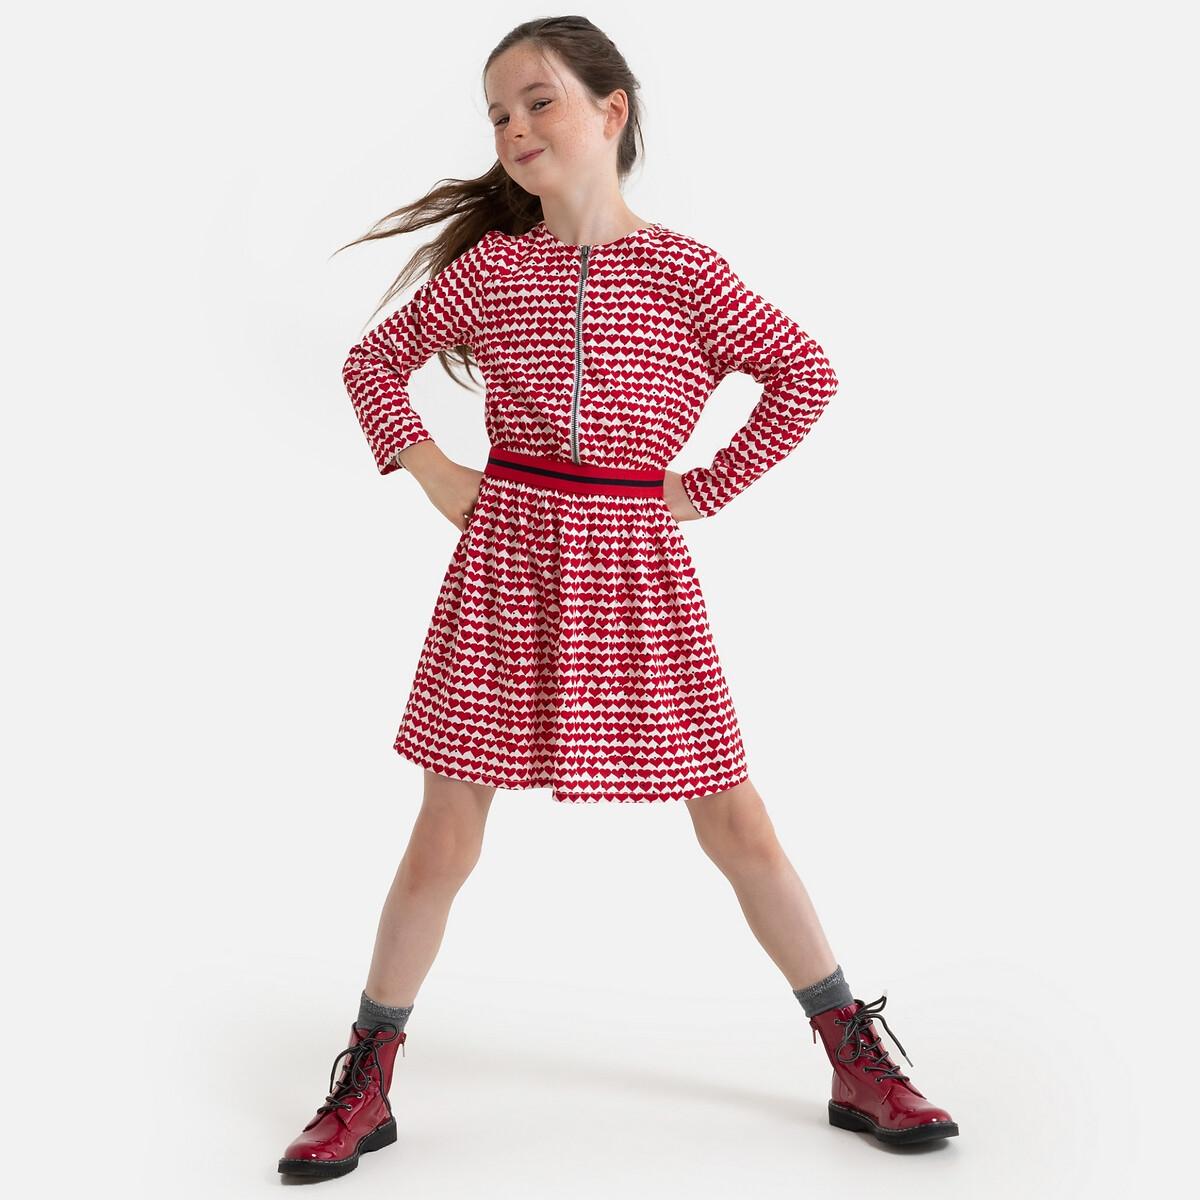 Платье LaRedoute Струящееся с длинными рукавами и рисунком 3-12 лет 4 года - 102 см красный блузка laredoute с длинными рукавами и отделкой макраме 3 12 лет 4 года 102 см бежевый